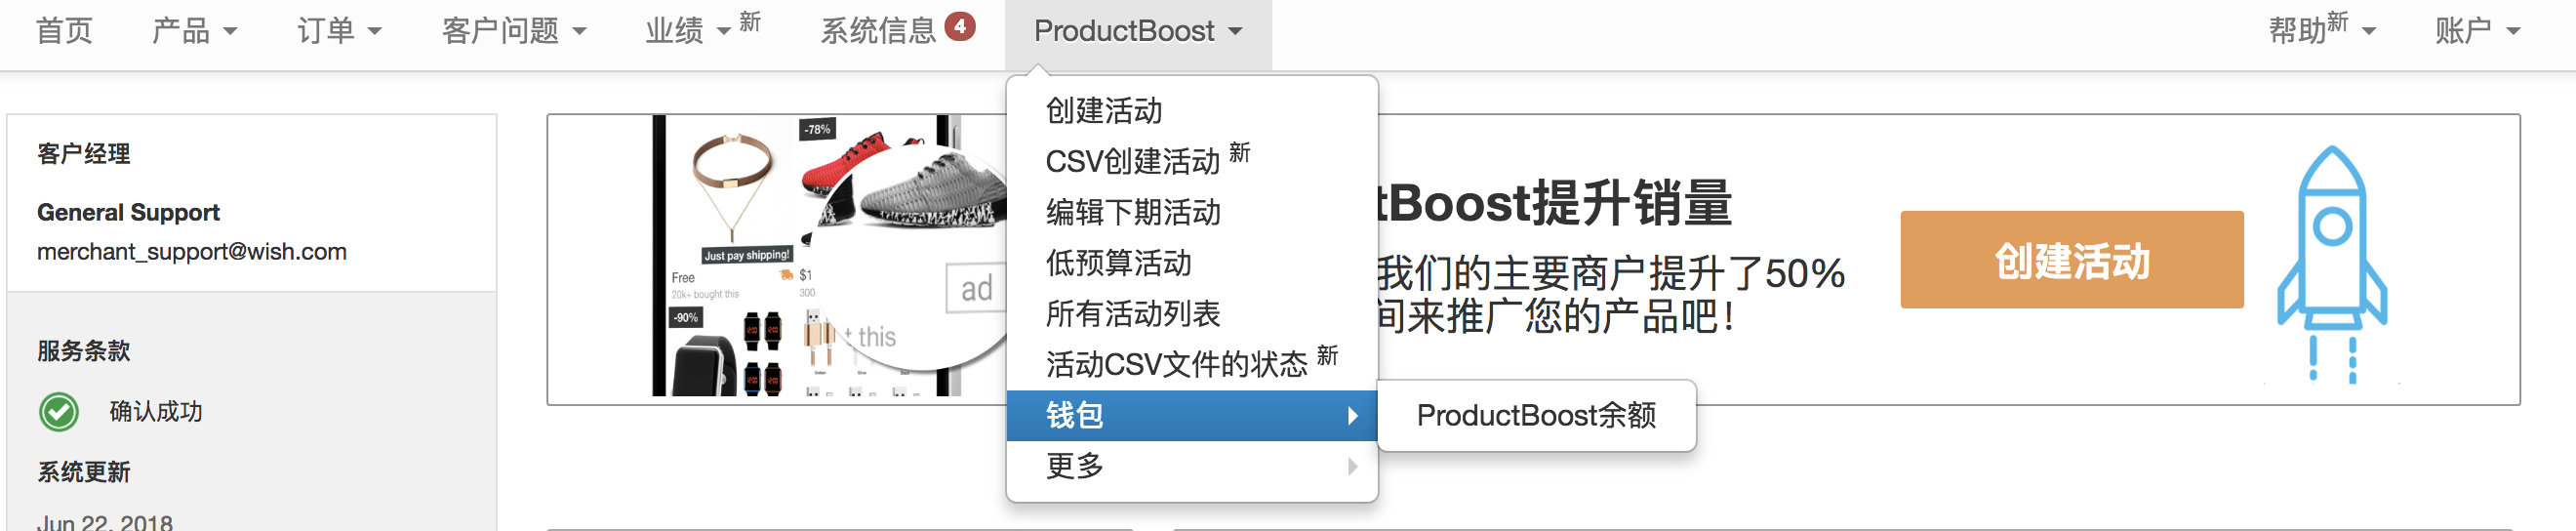 wish卖家攻略!如何给产品推广ProductBoost余额充值